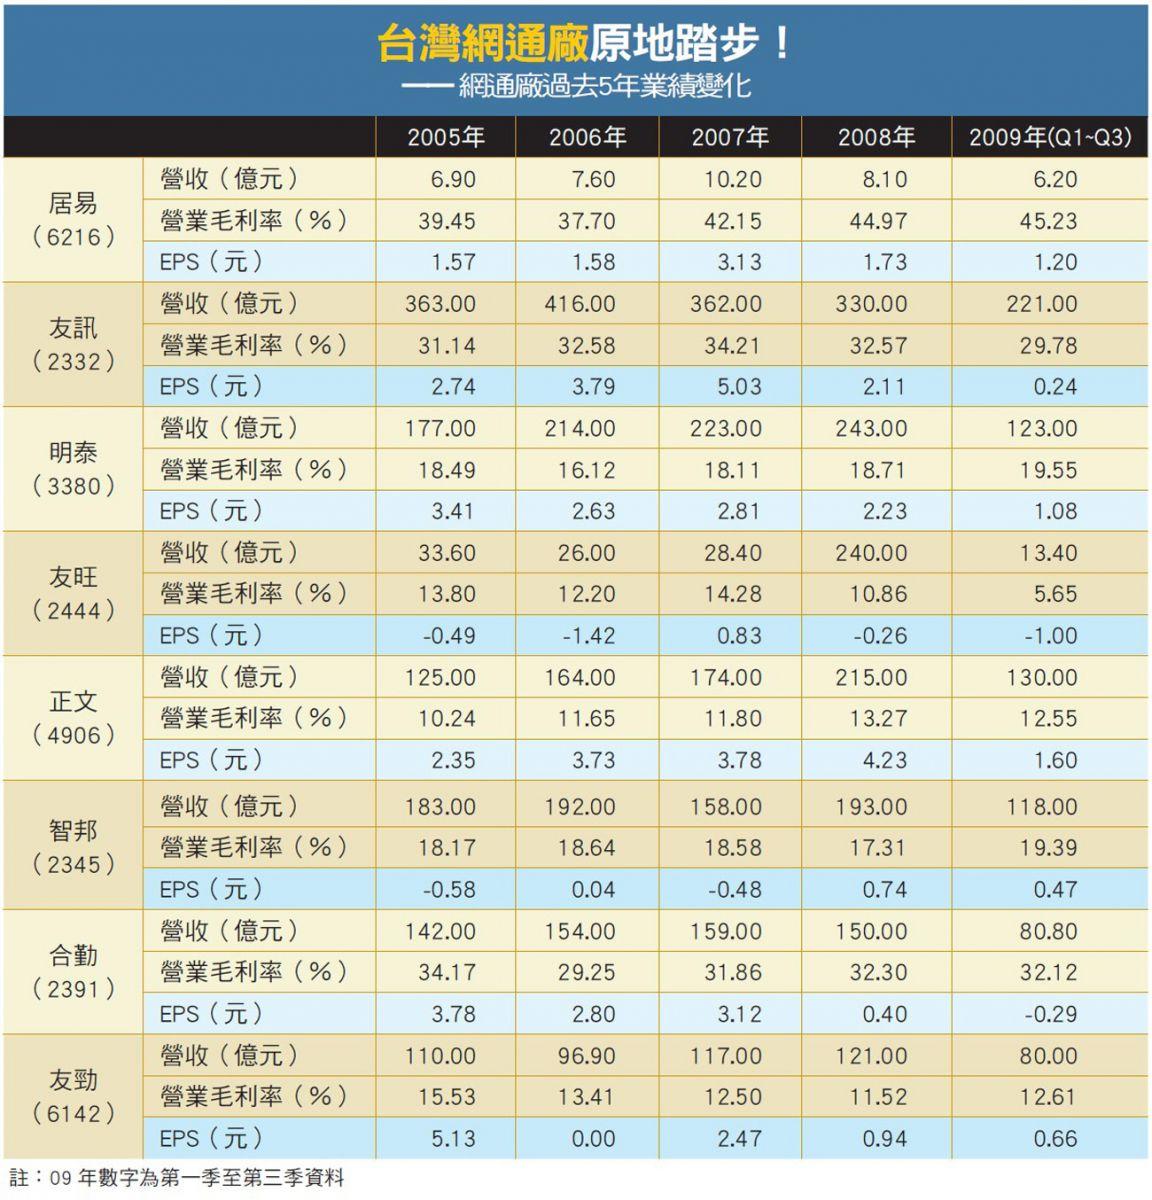 台灣網通廠業績變化